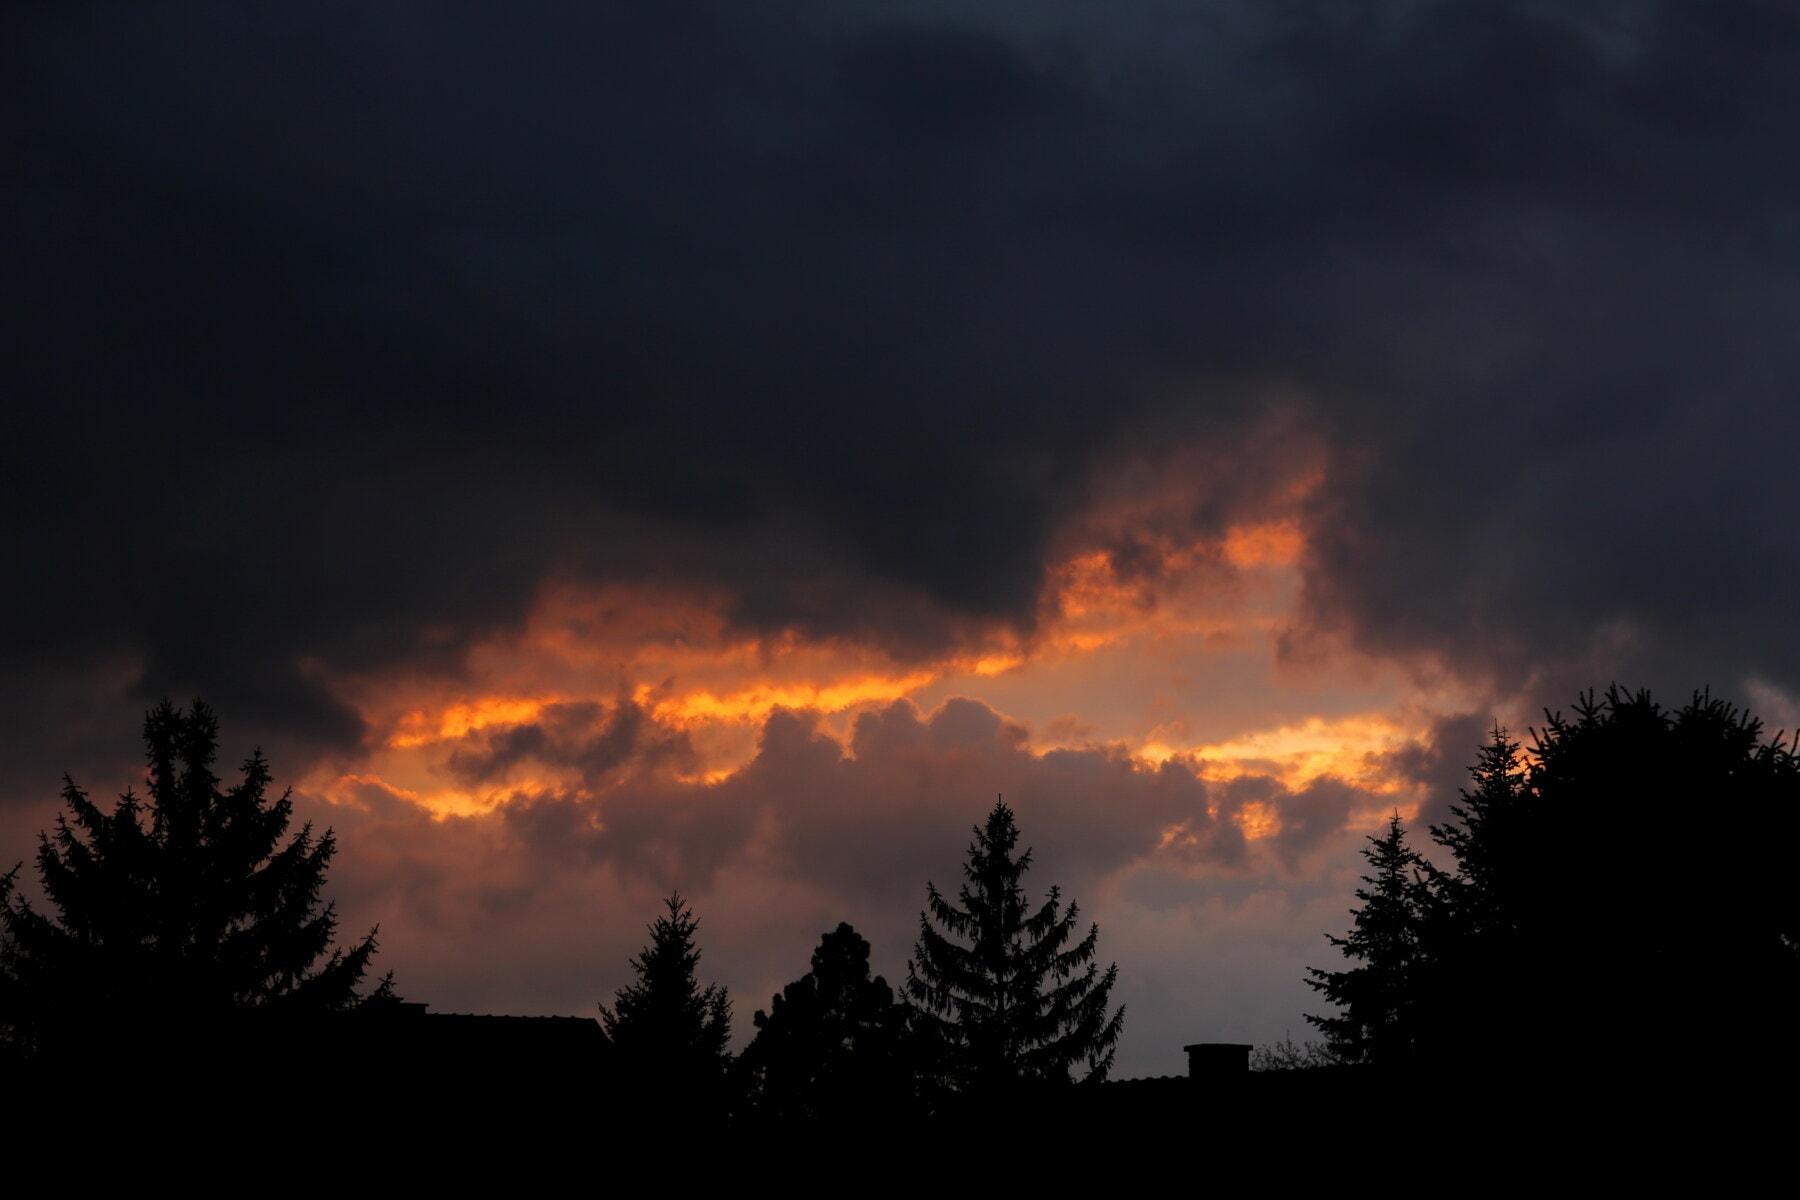 Ανατολή ηλίου, σκούρο, σκοτάδι, αστέρι, σύννεφα, καιρικές συνθήκες, ατμόσφαιρα, Αυγή, σύννεφο, ηλιοβασίλεμα